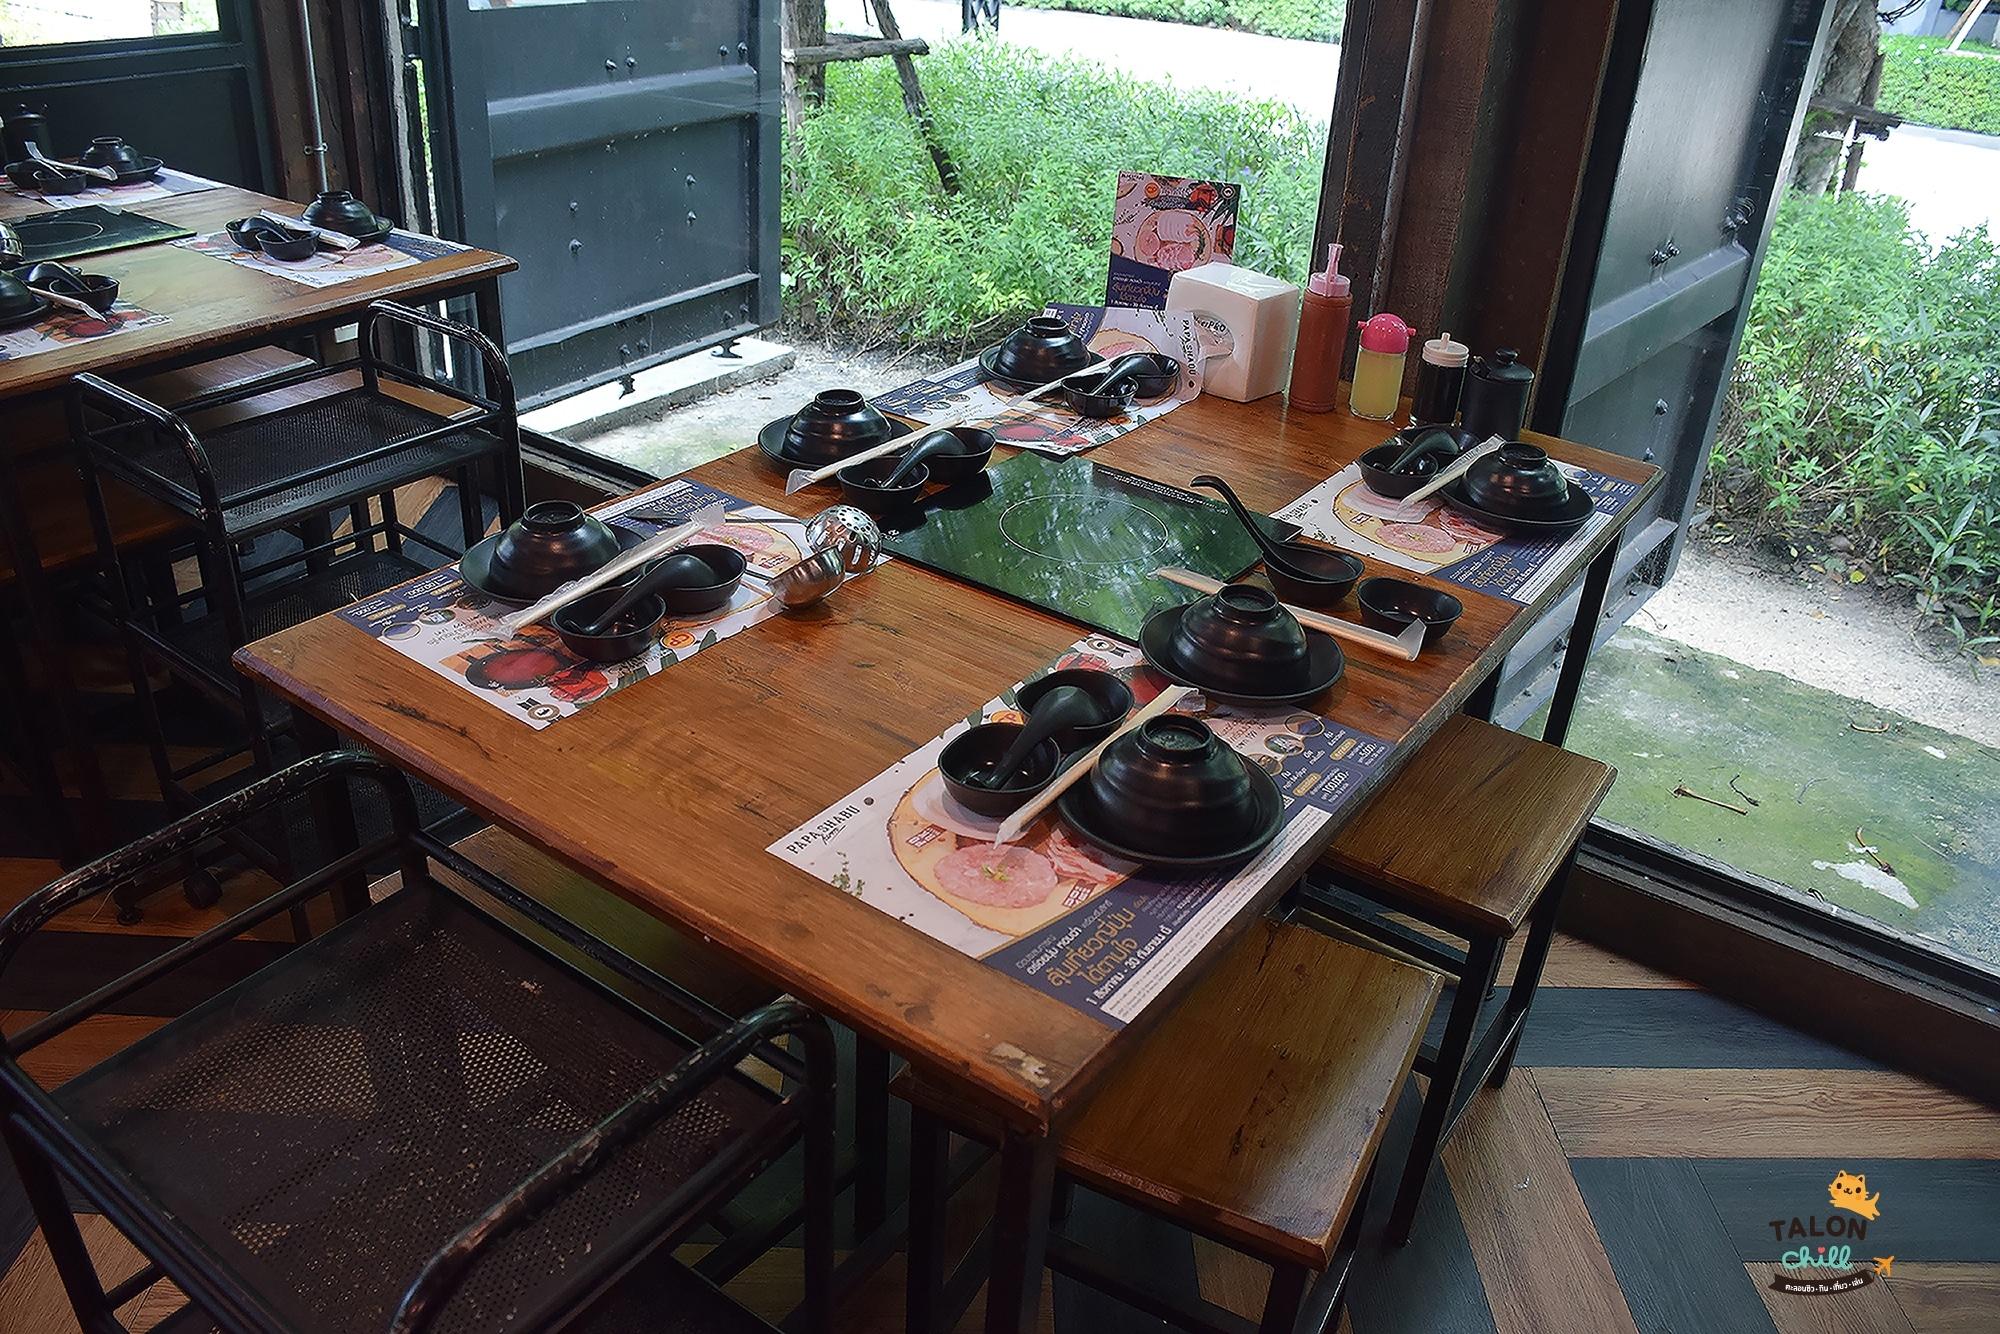 [Review] ชาบู PAPA SHABU FARM (ปาป้าชาบูฟาร์ม) ฟาร์มชาบูสำหรับคนรักชาบู